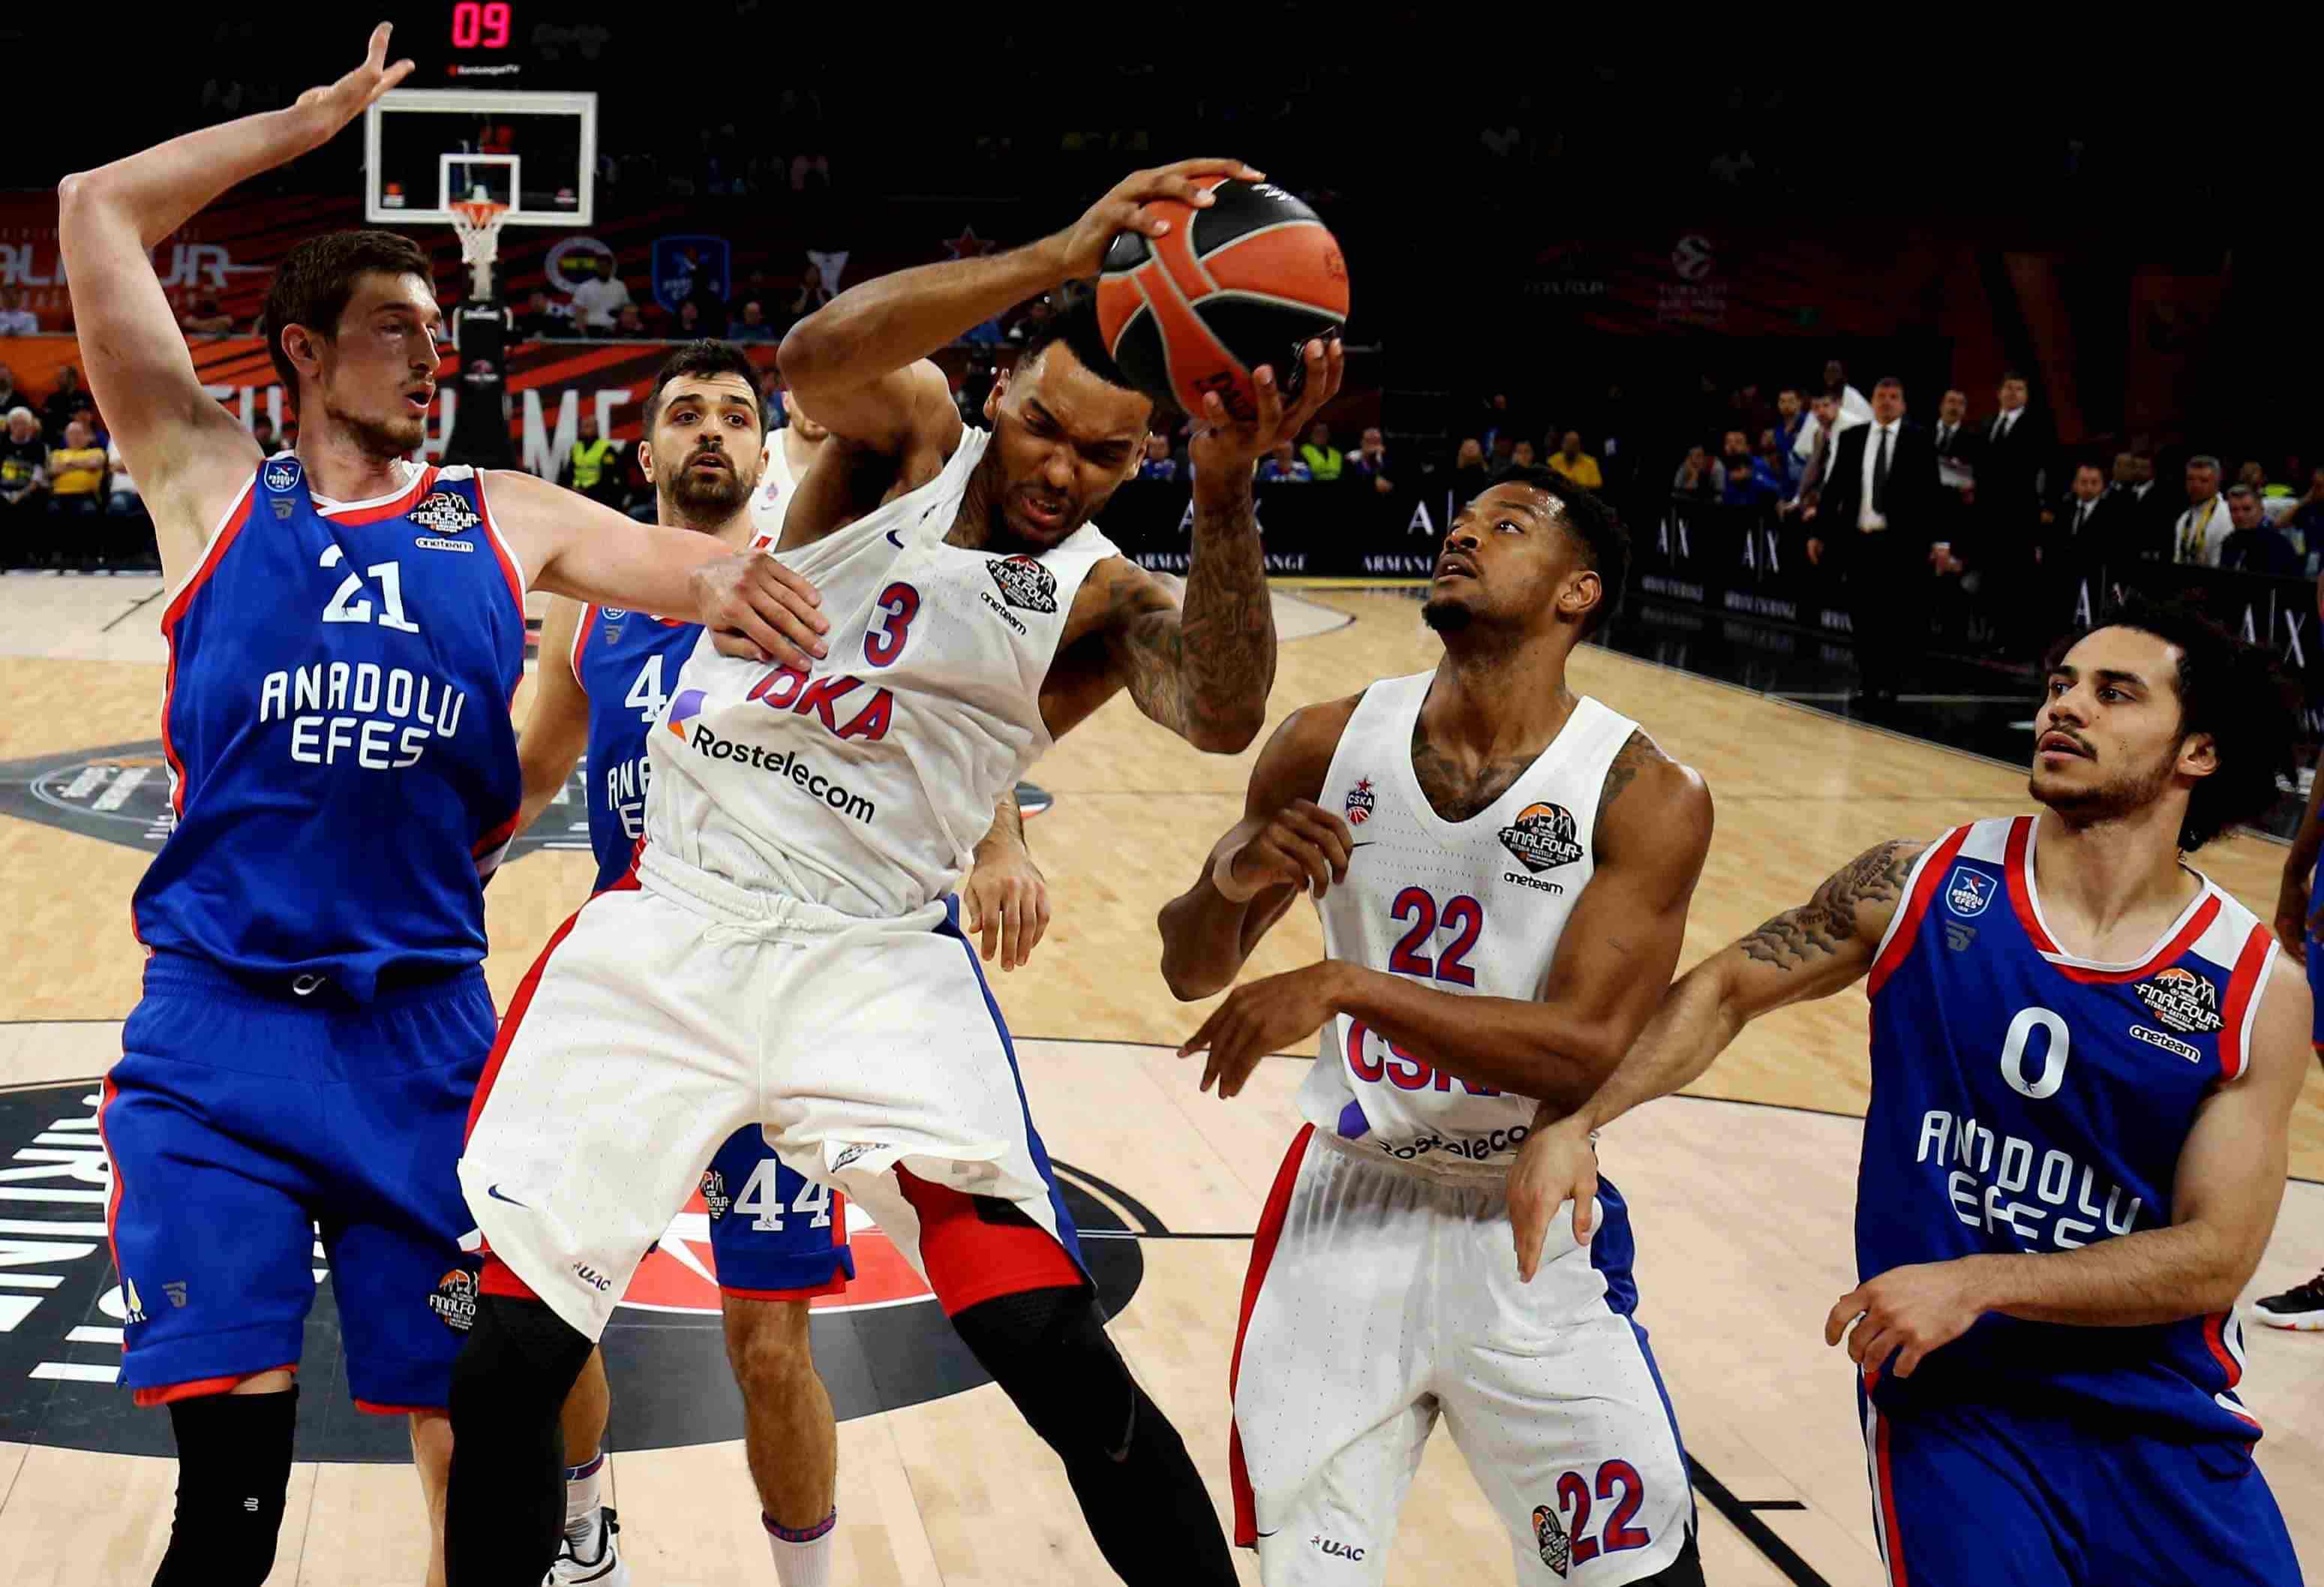 Евролига по баскетболу 2019/2020: расписание и участники